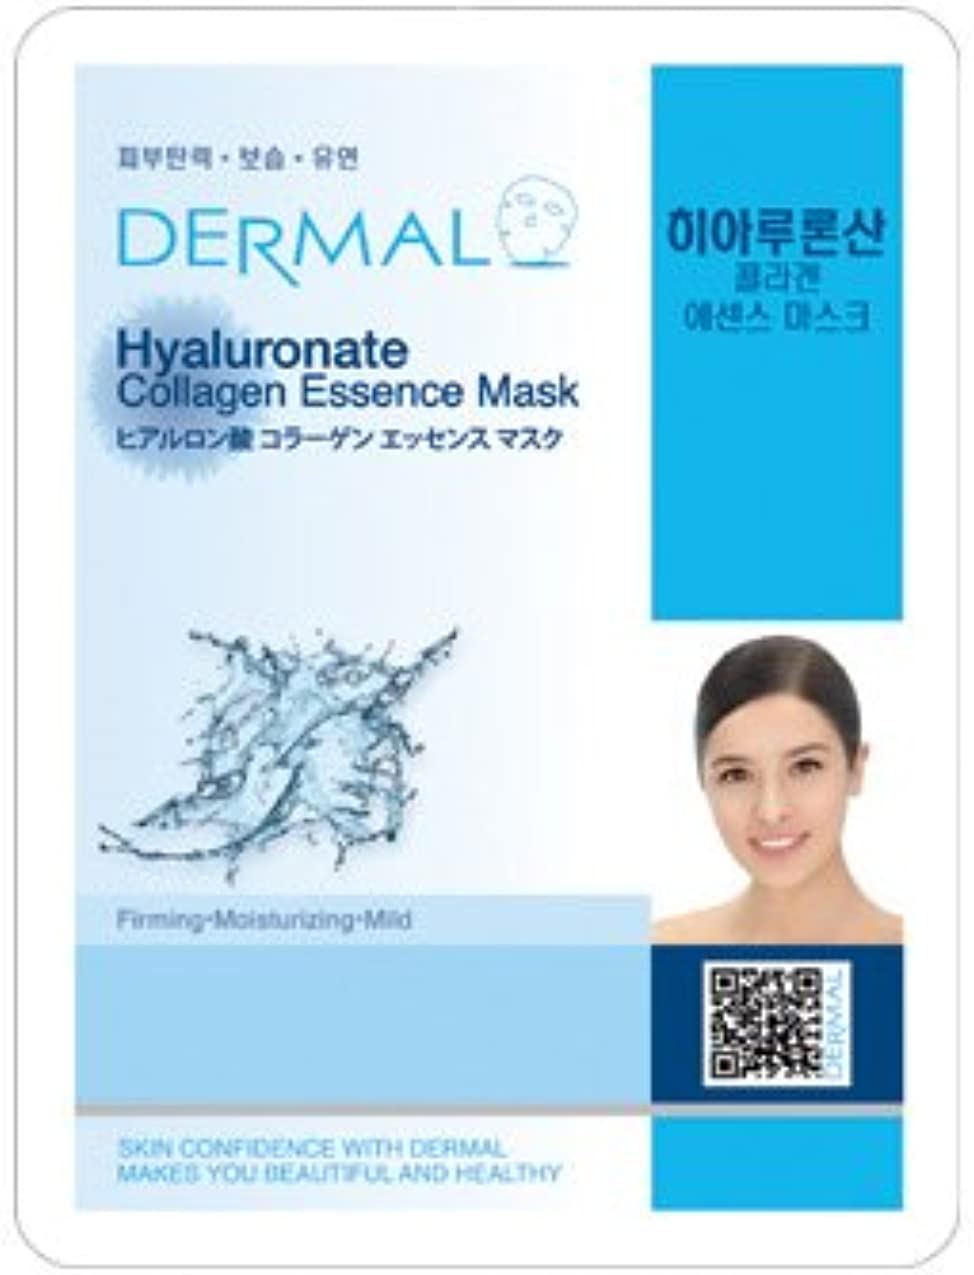 魅惑的ながんばり続けるびんシートマスク ヒアルロン酸 100枚セット ダーマル(Dermal) フェイス パック